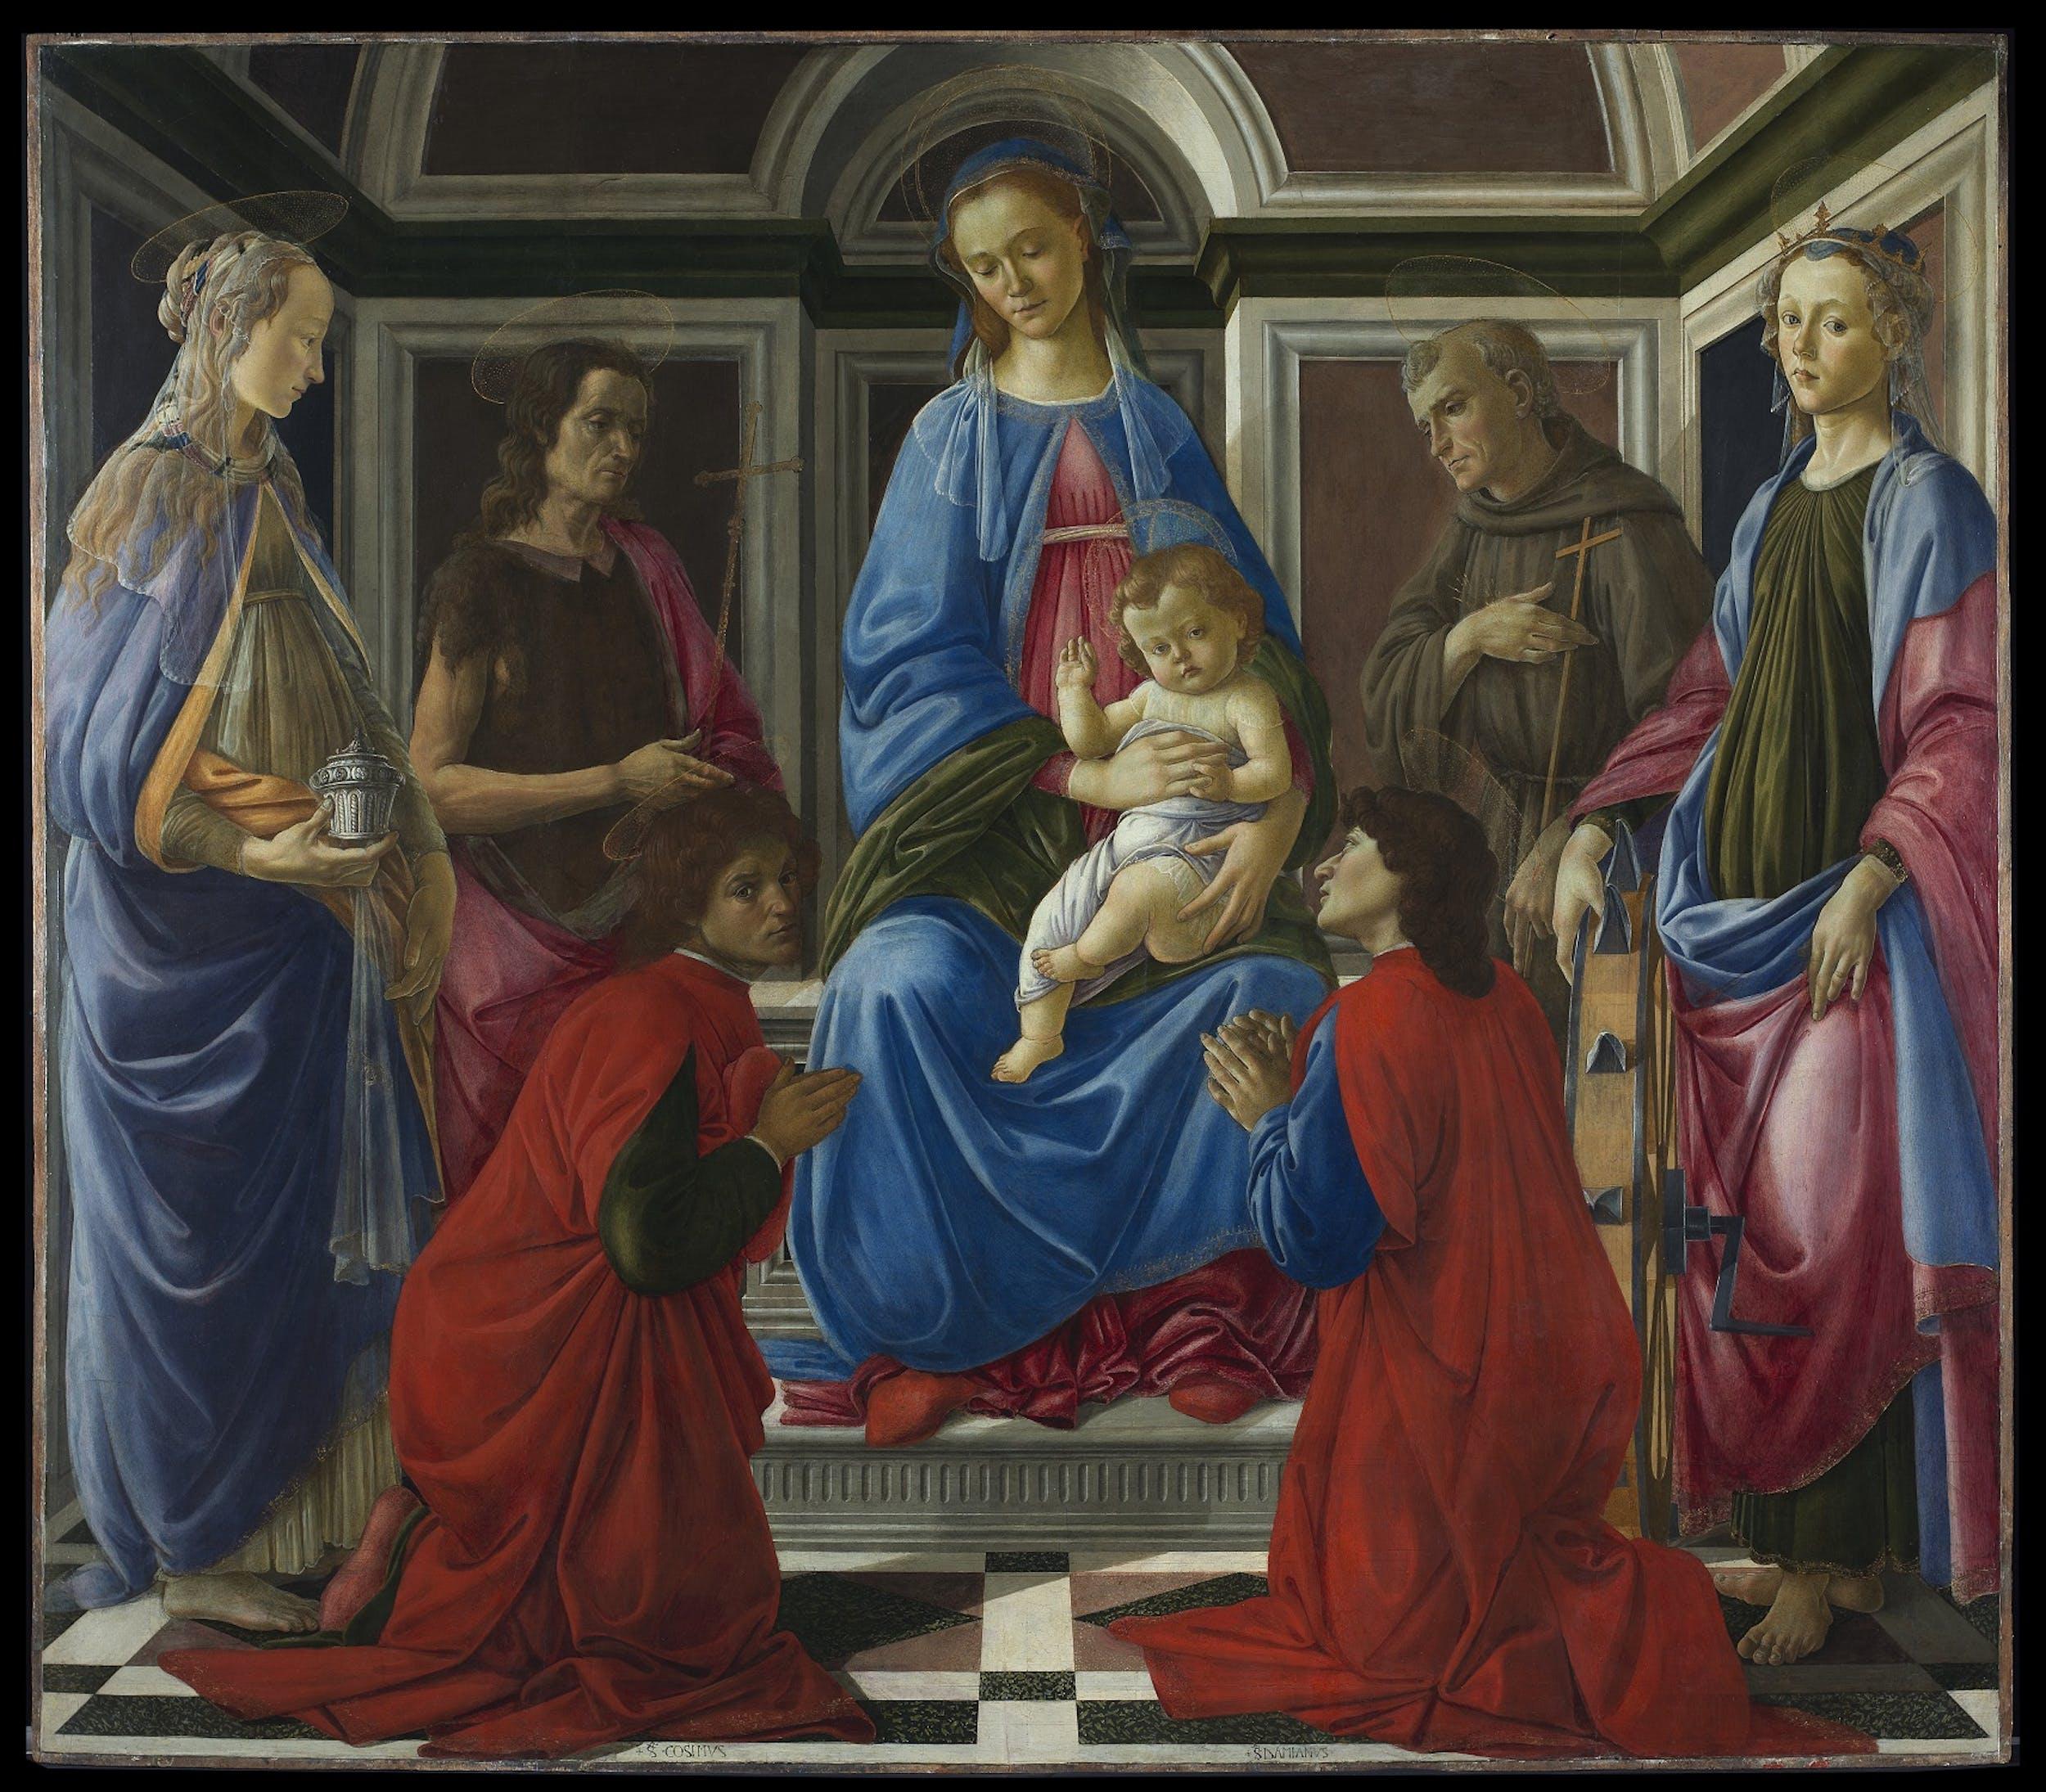 Sandro Botticelli, Pala di Sant'Ambrogio - dopo il restauro